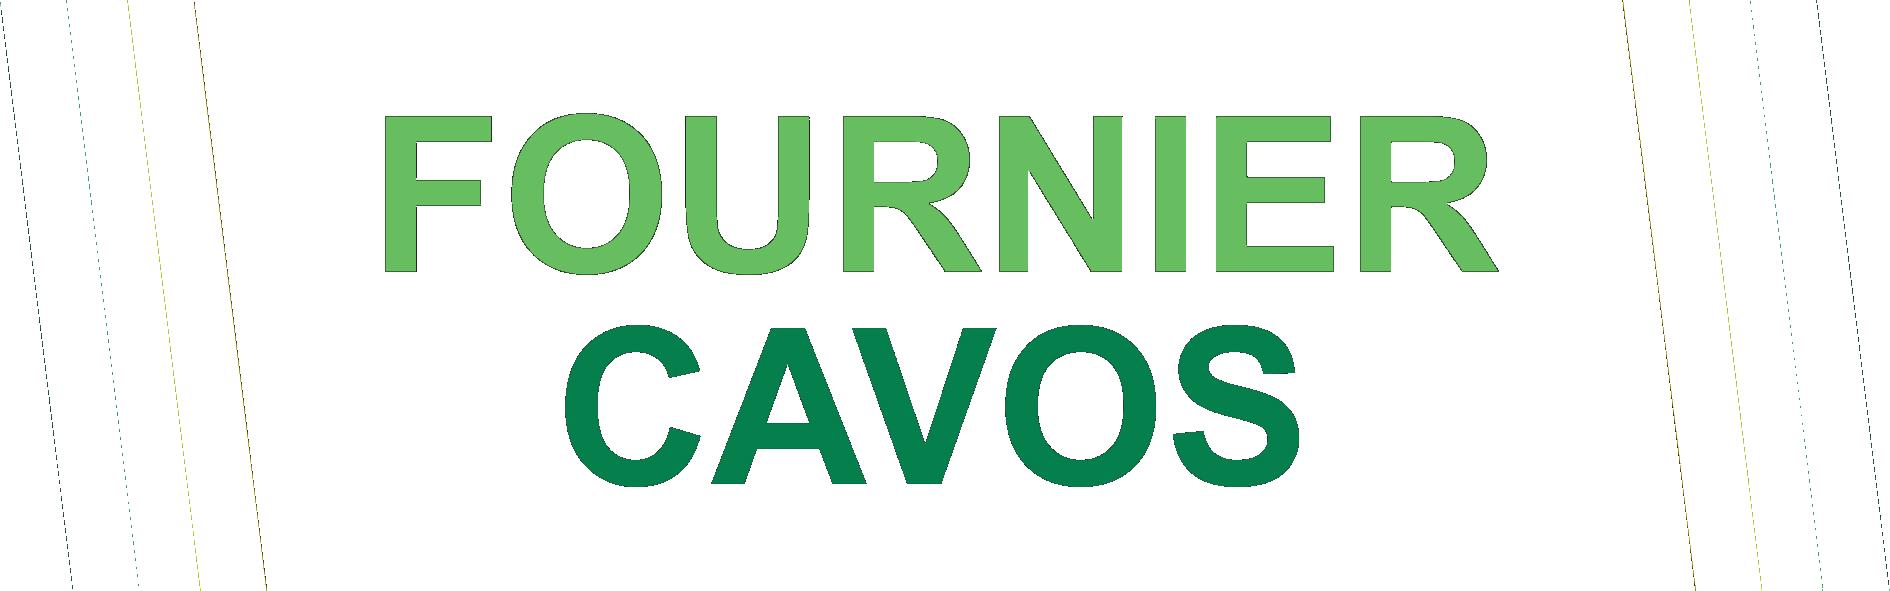 Fournier Cavos